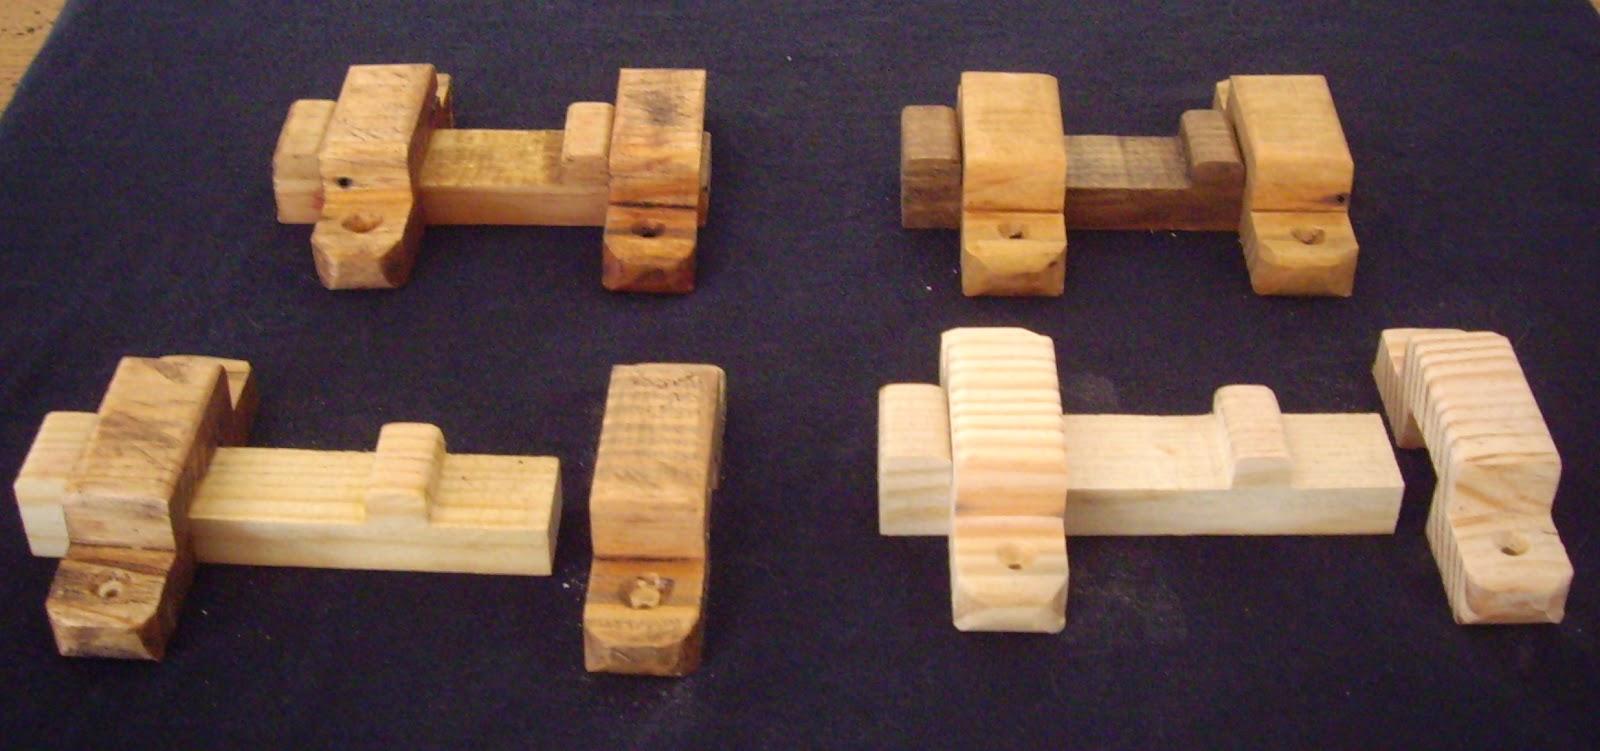 objets d co tutoriels et meubles en bois de palettes targette verrou en bois. Black Bedroom Furniture Sets. Home Design Ideas